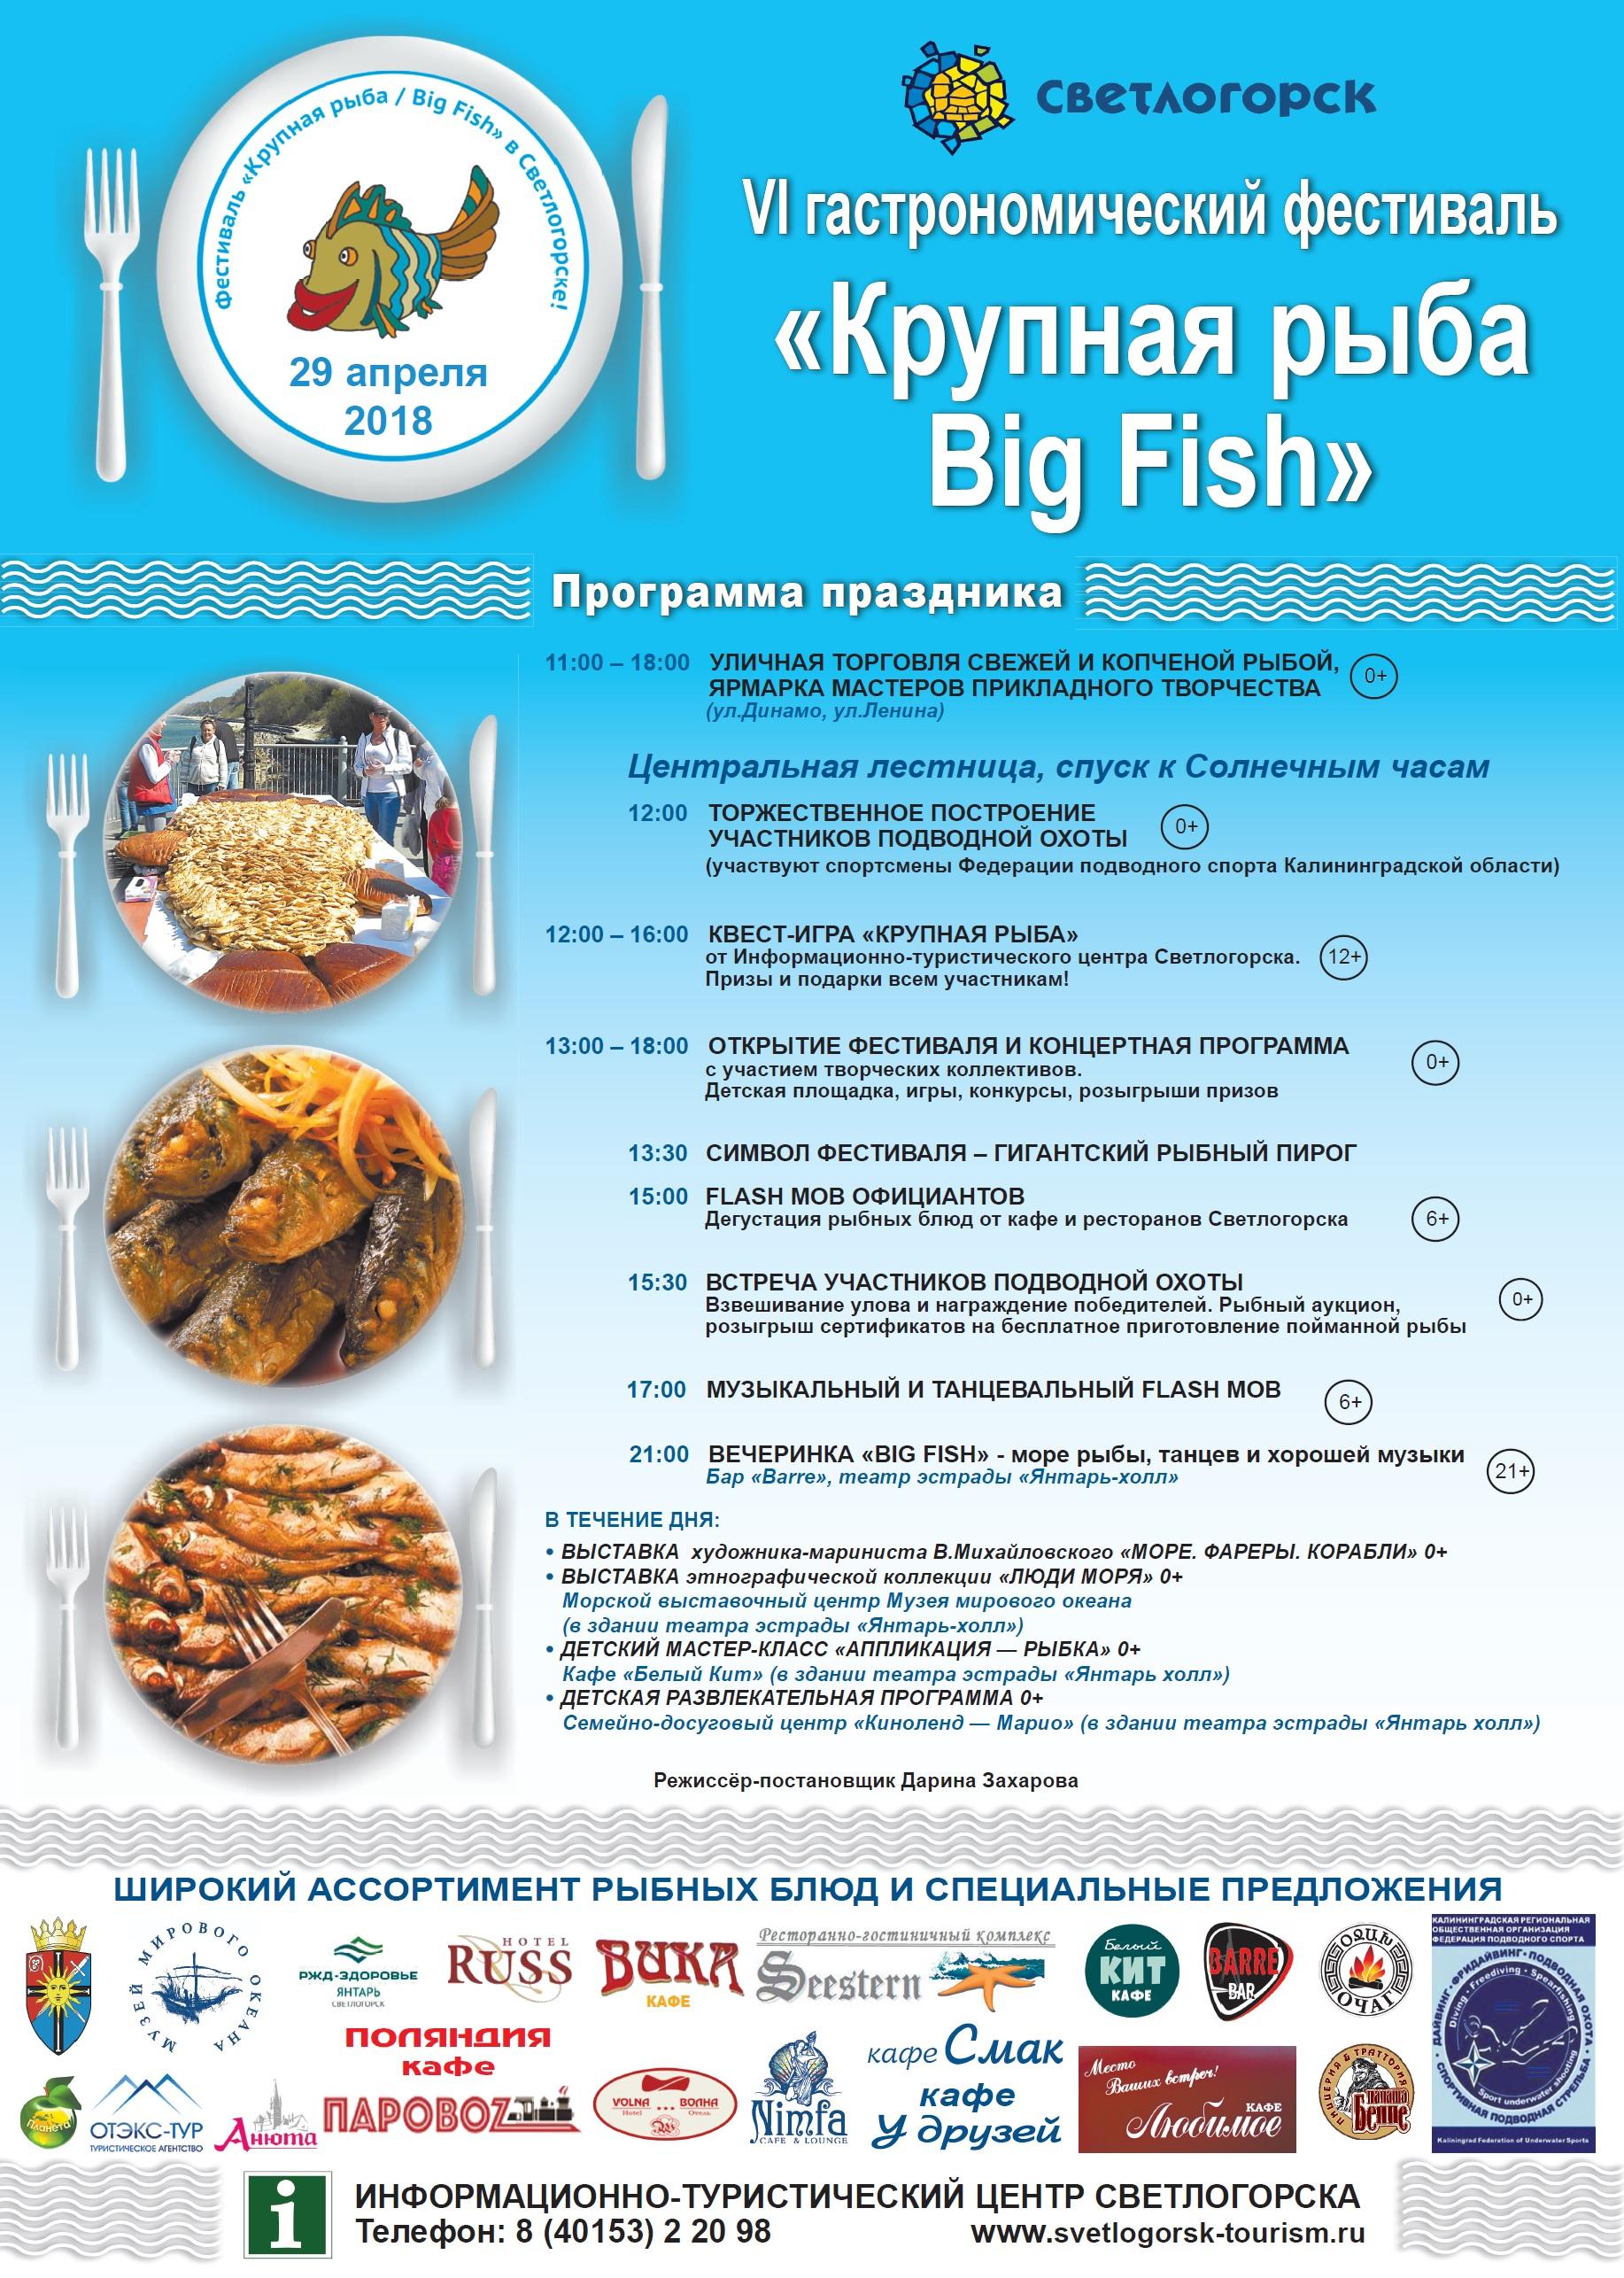 http://svetlogorsk-tourism.ru/ru/AF.jpg